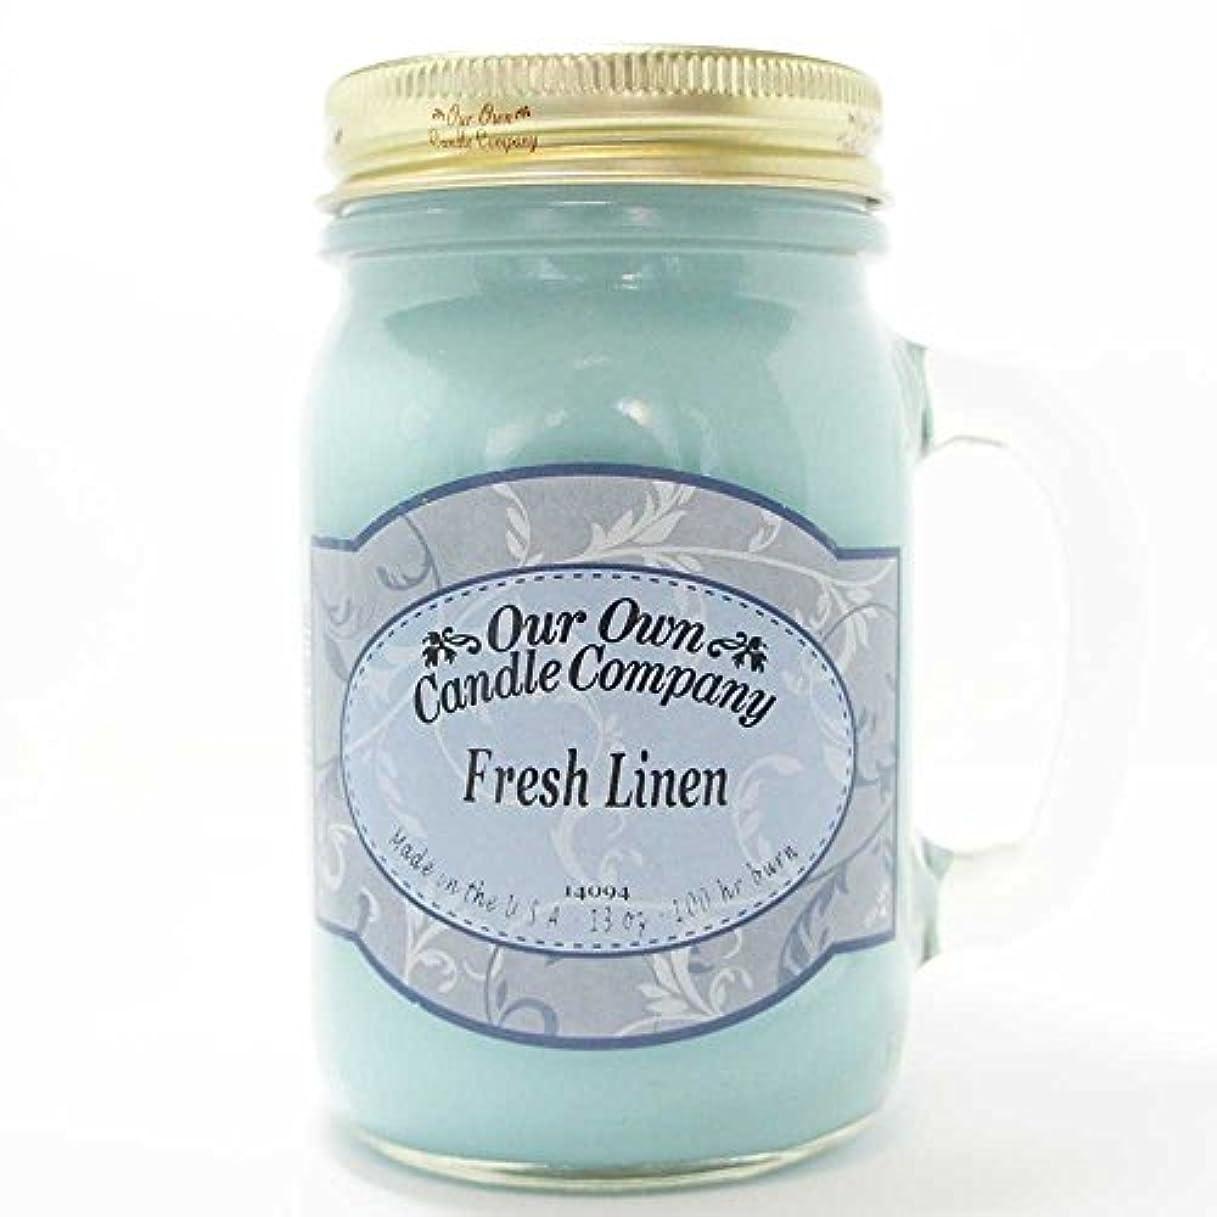 間接的秀でる悪意のあるアロマキャンドル メイソンジャー フレッシュリネン ビッグ Our Own Candle Company Fresh Linen big